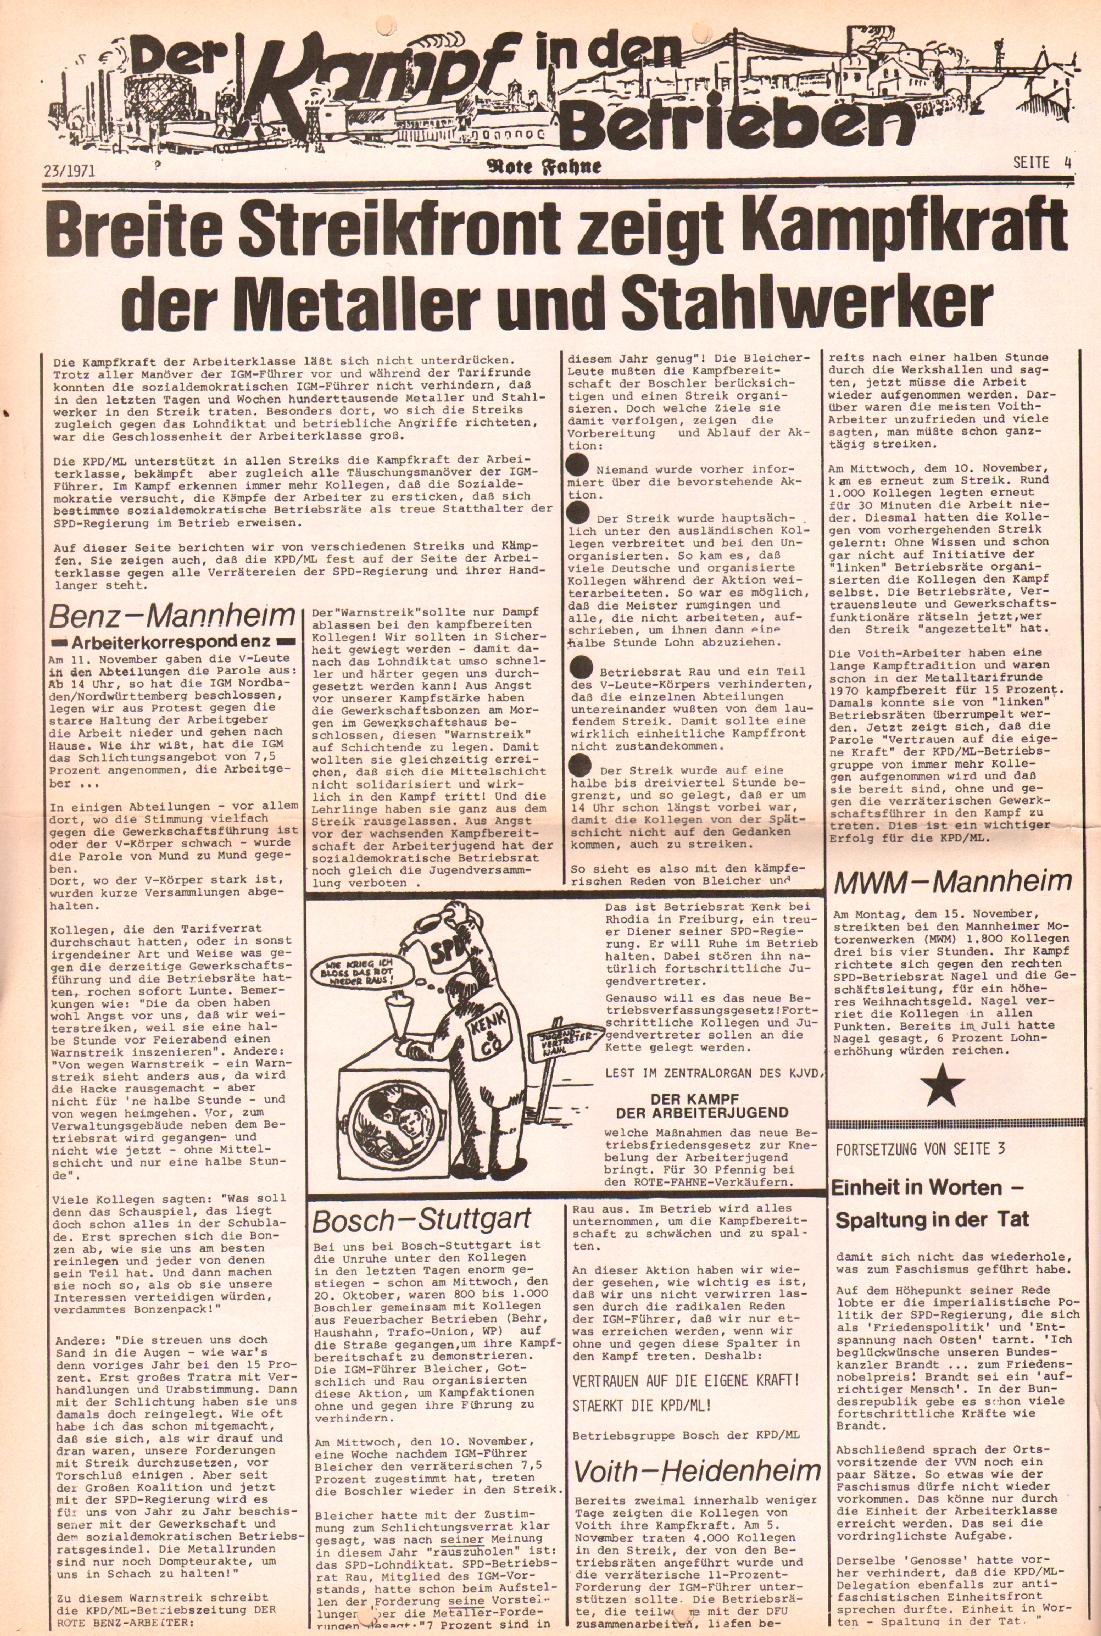 Rote Fahne, 2. Jg., 22.11.1971, Nr. 23, Seite 4